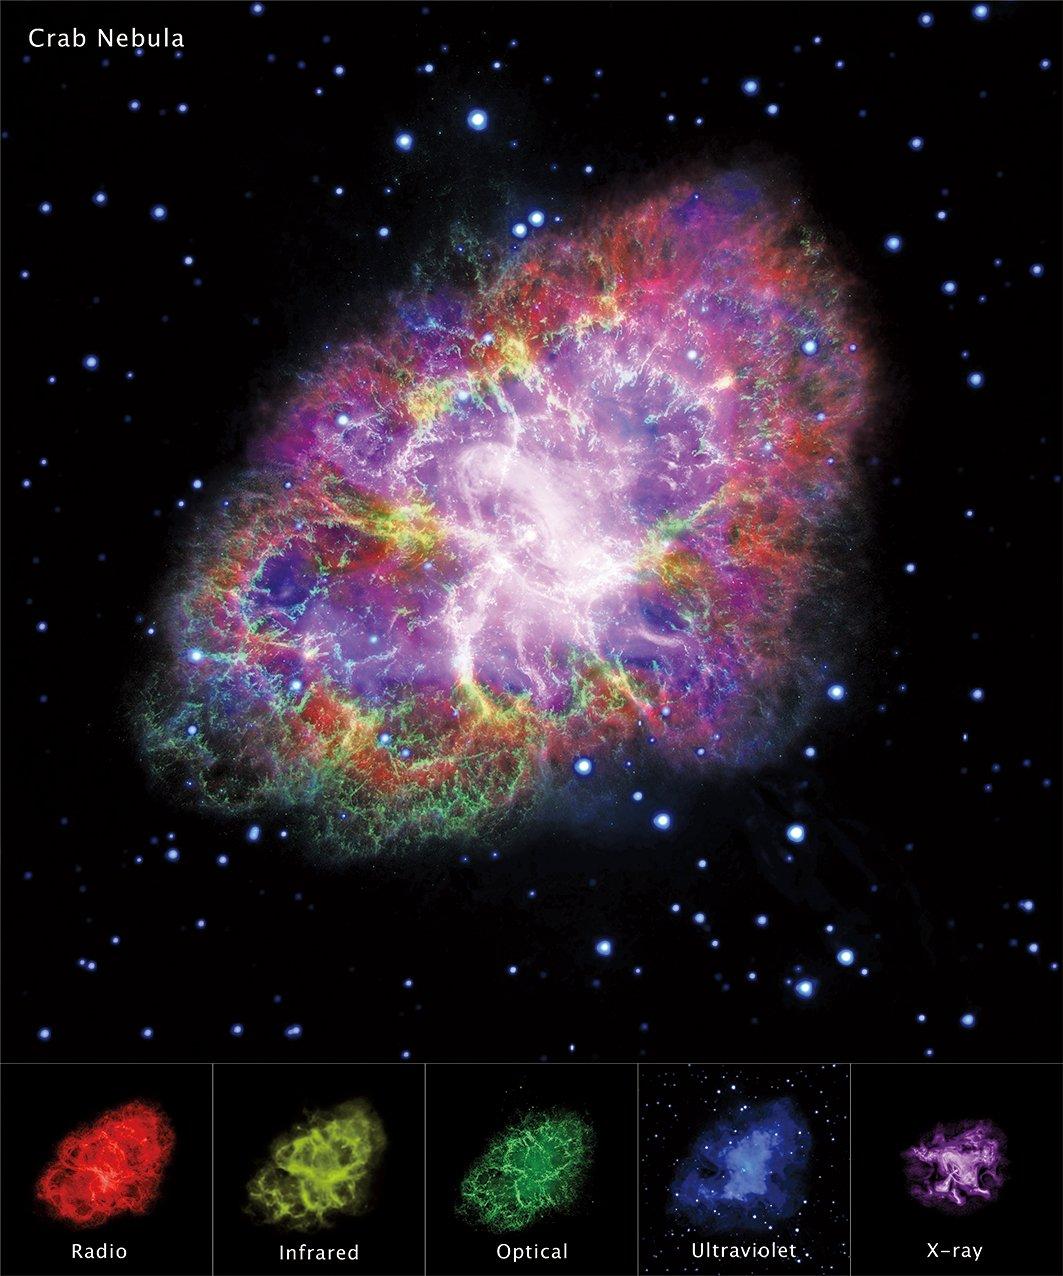 在不同光波段所觀測到的蟹狀星雲合成圖。在其深處藏著恆星爆炸後剩下的內核——一顆高速旋轉的中子星。(維基百科)